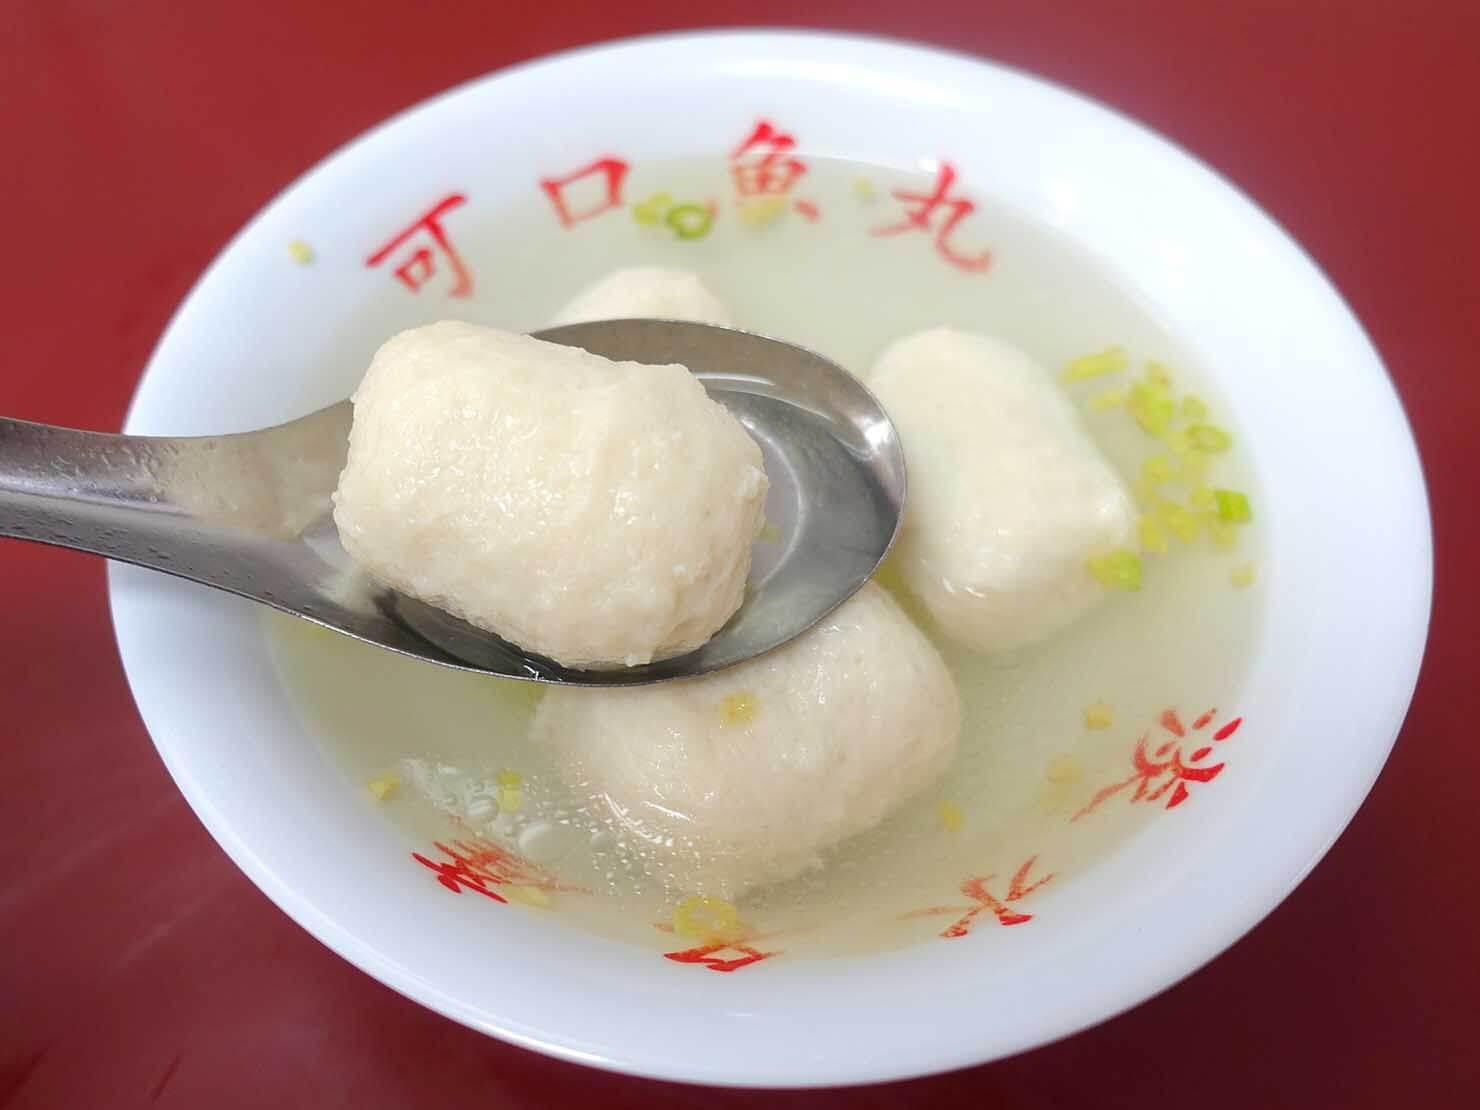 台北・淡水老街のおすすめグルメ店「可口魚丸」の魚丸湯